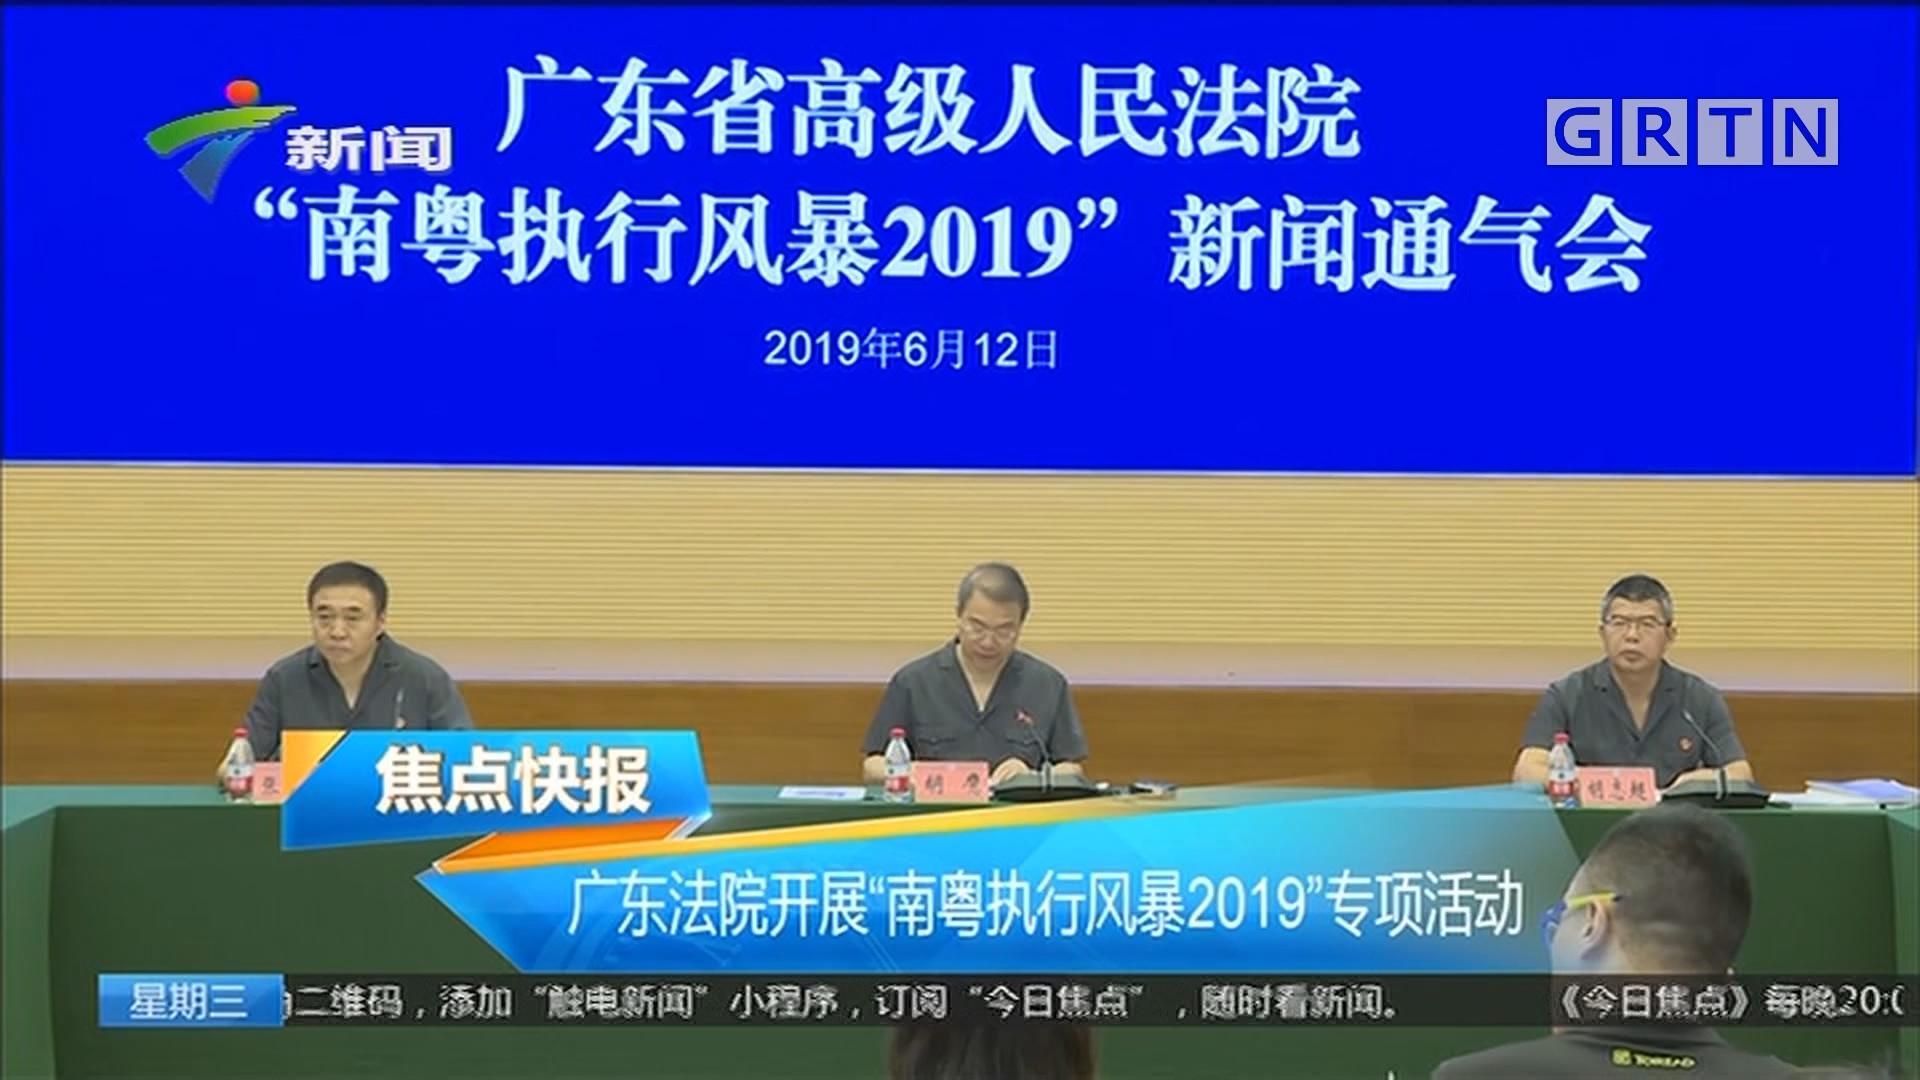 """广东法院开展""""南粤执行风暴2019""""专项活动"""